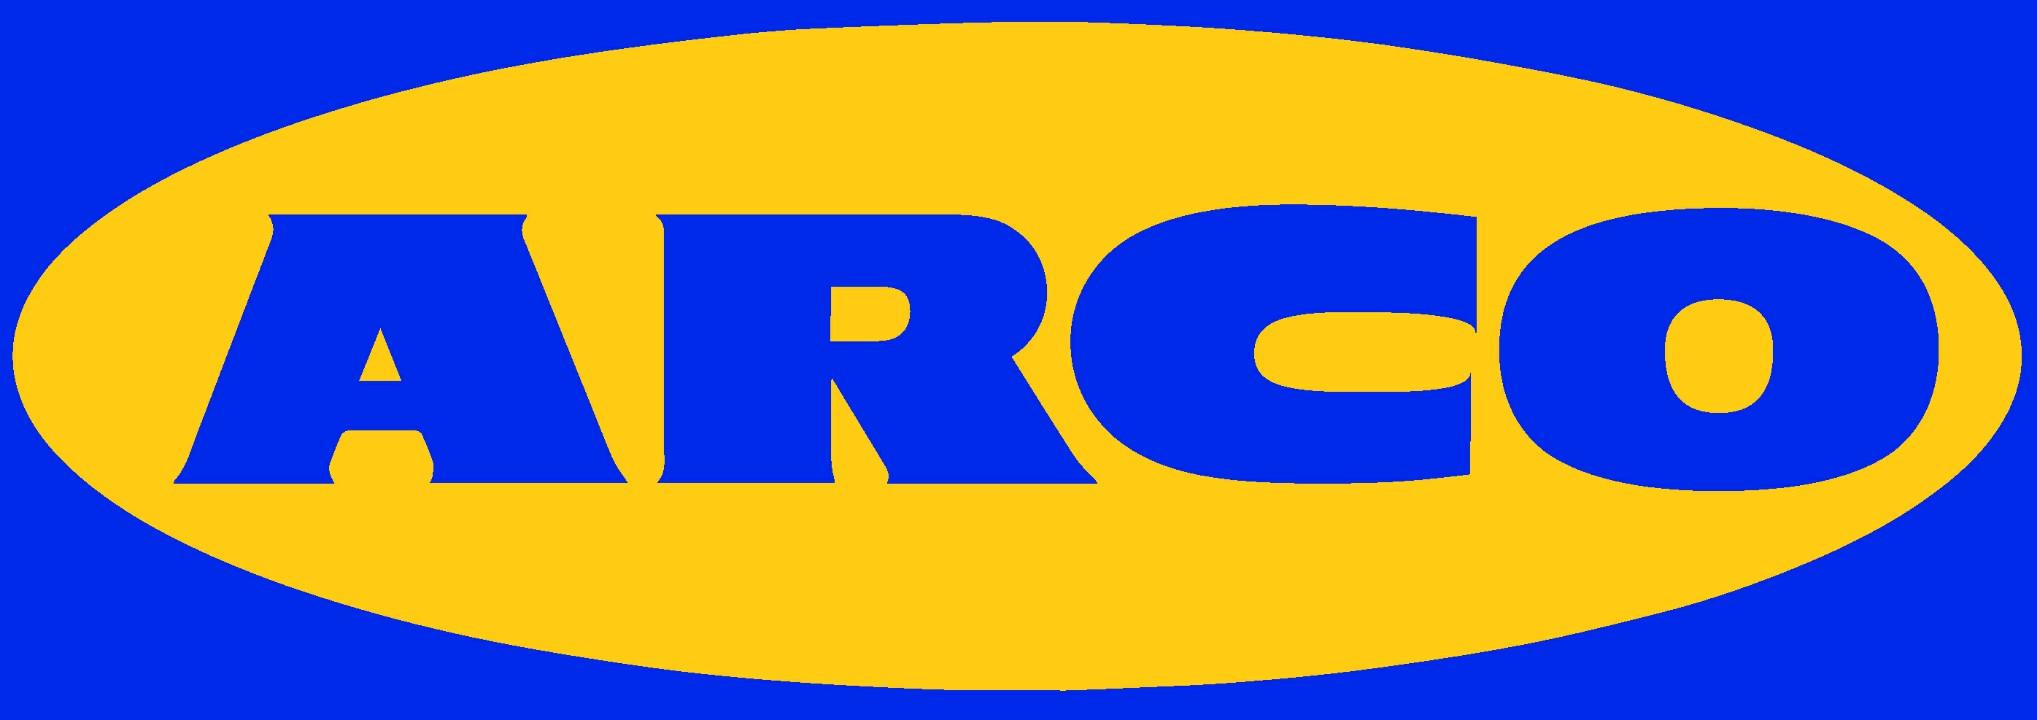 ARCO IKEA_optimized